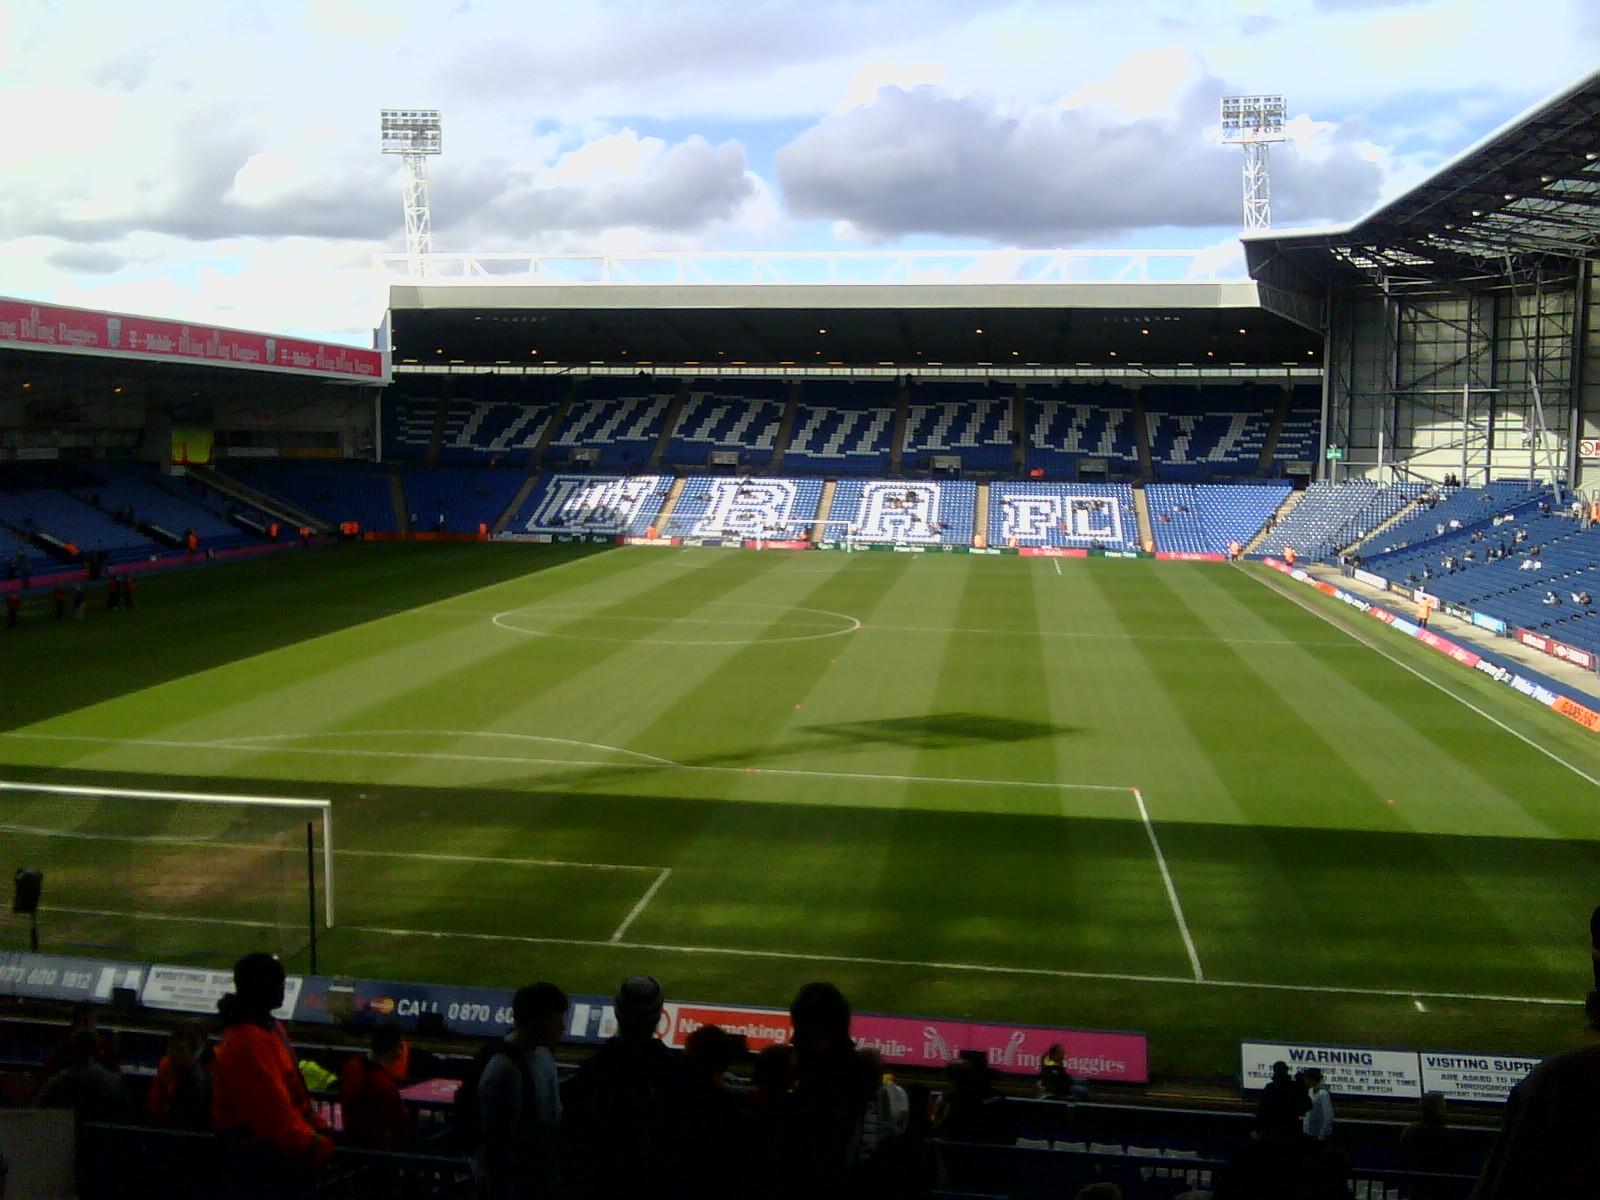 West_brom_stadium